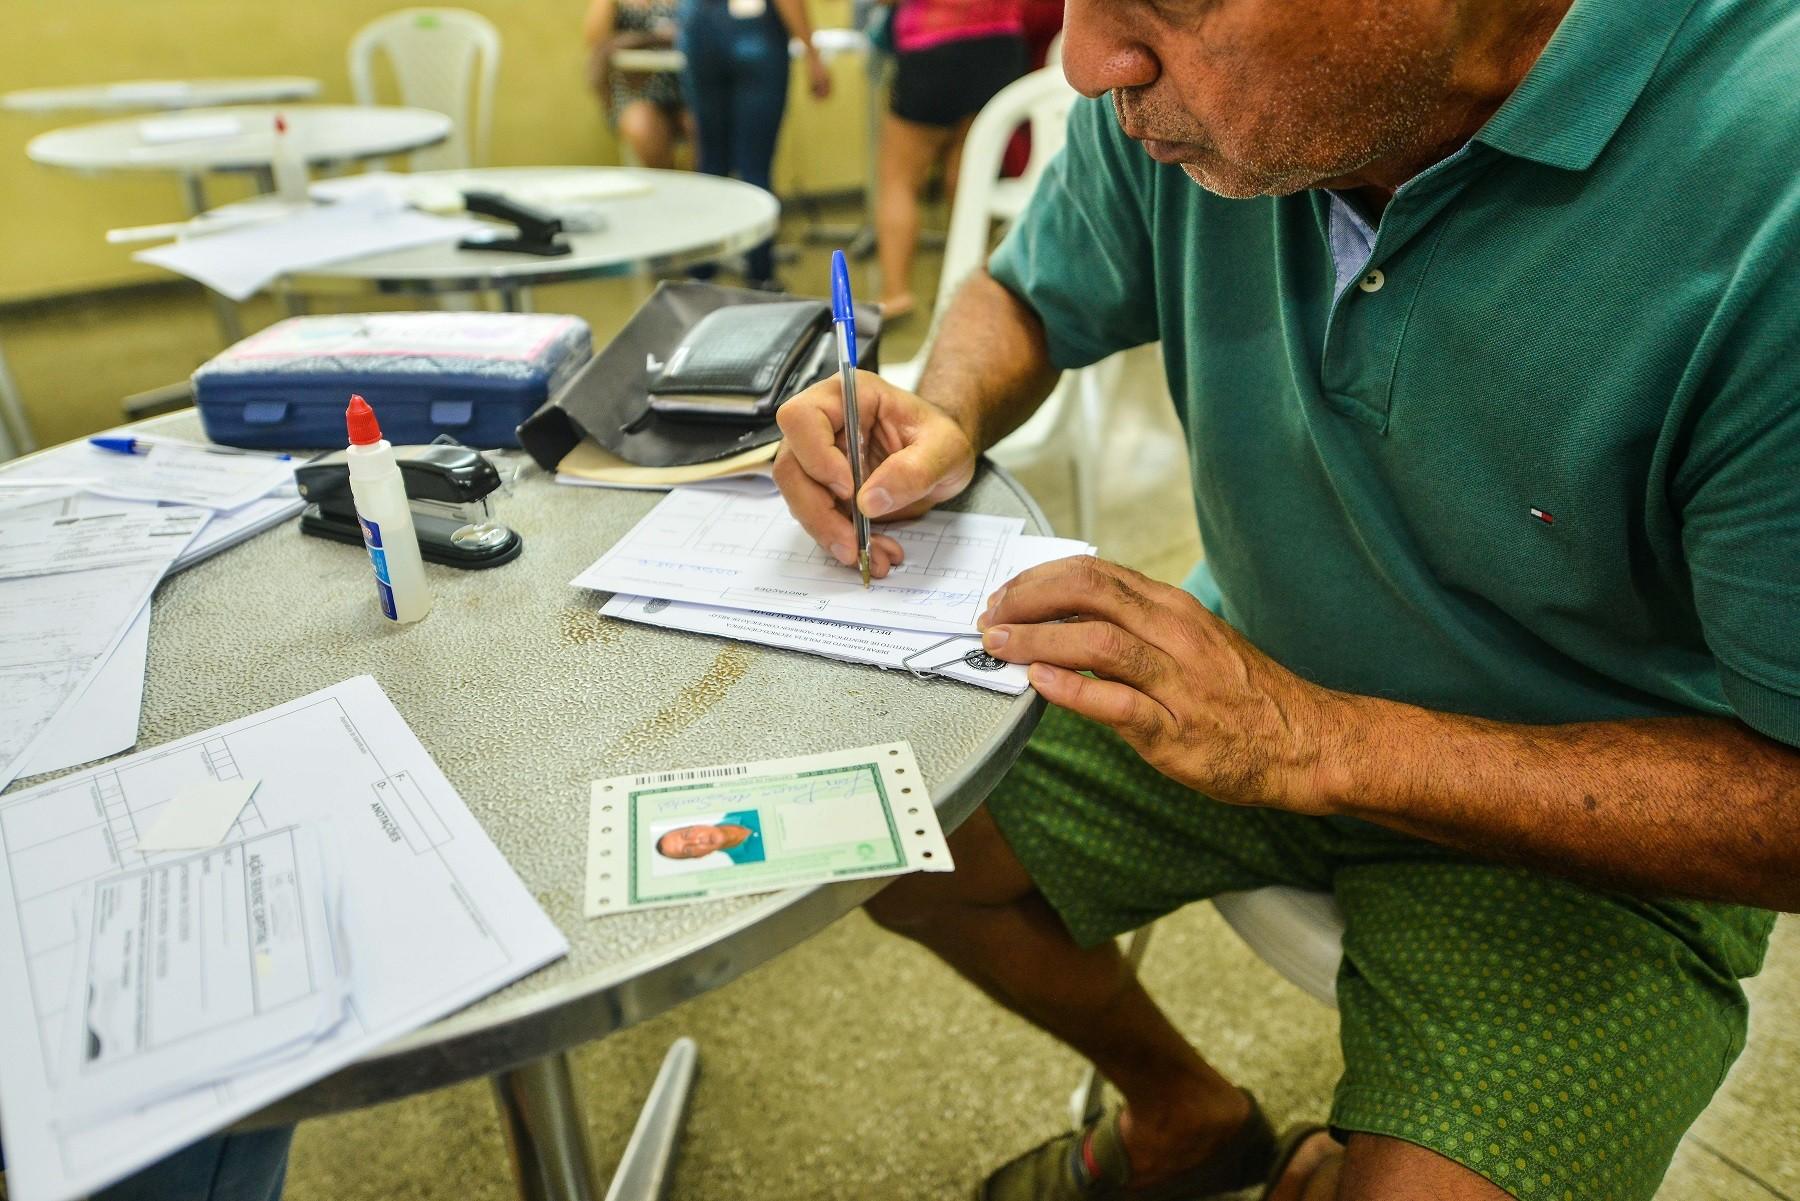 Cerca de 3,8 mil crianças nascidas no 1º semestre de 2020 no MA não têm o nome do pai na certidão